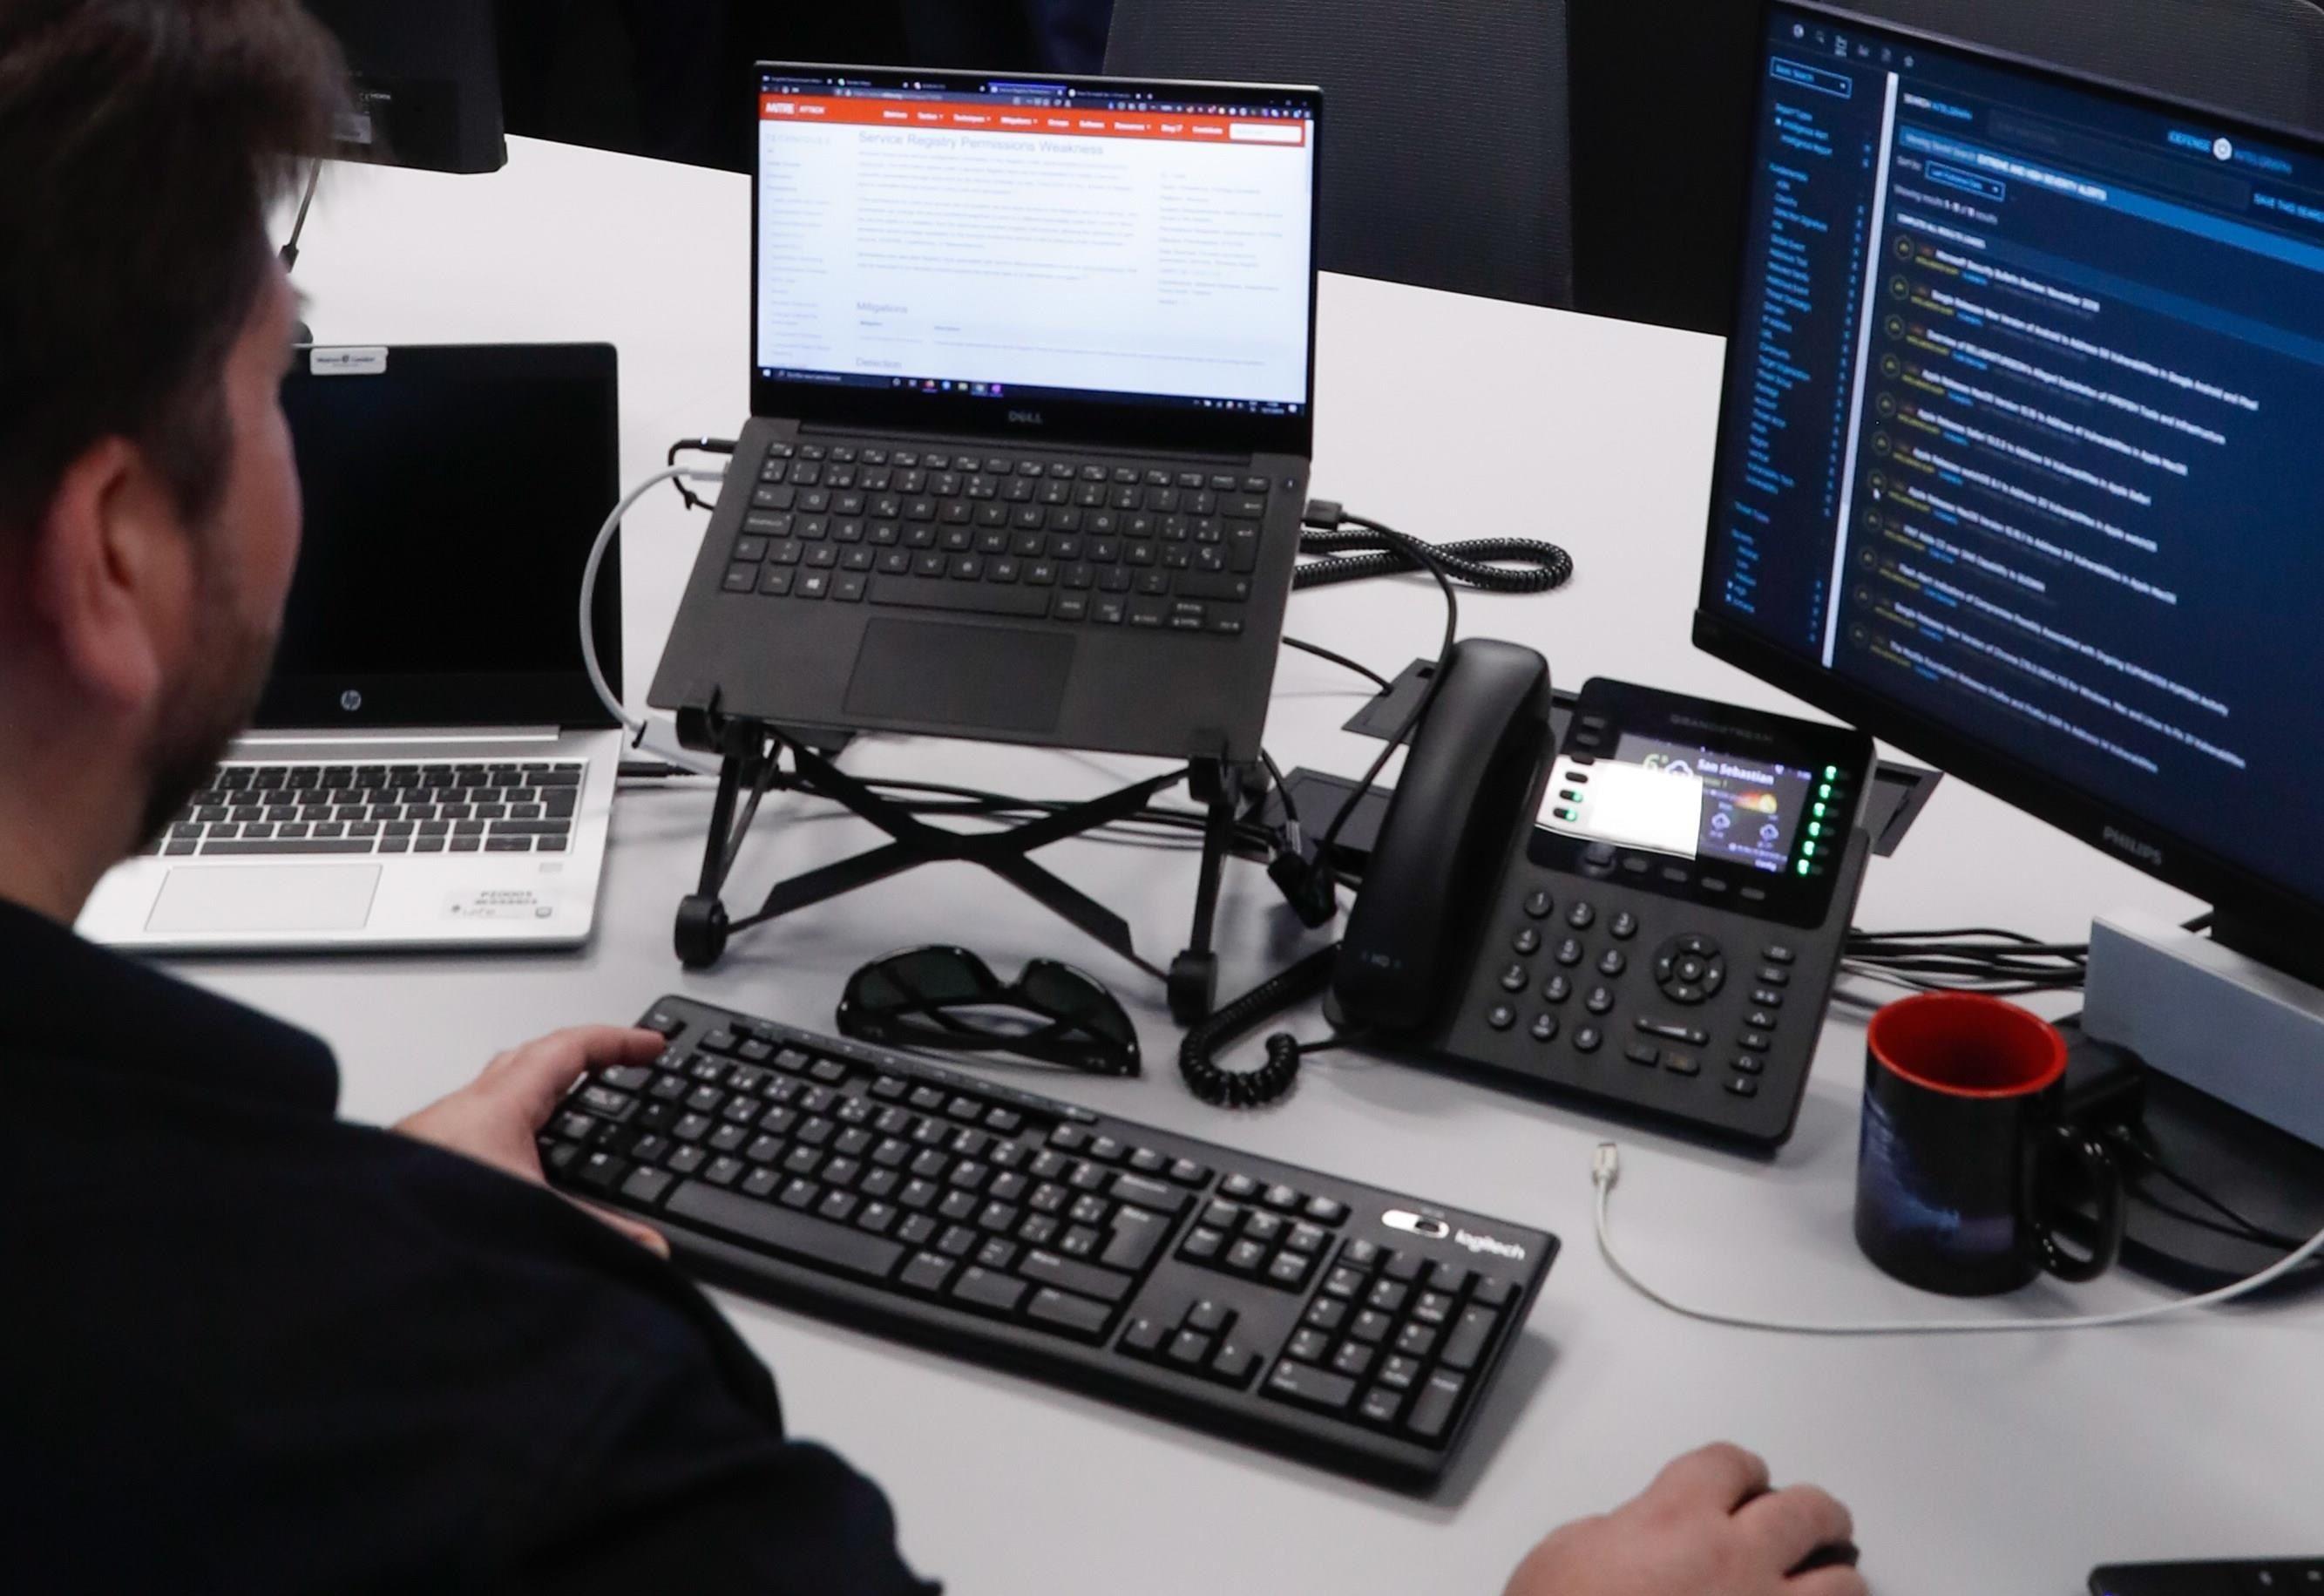 Durante la pandemia se ha visto un aumento del 80% en ciberataques (Foto: EFE/Archivo)